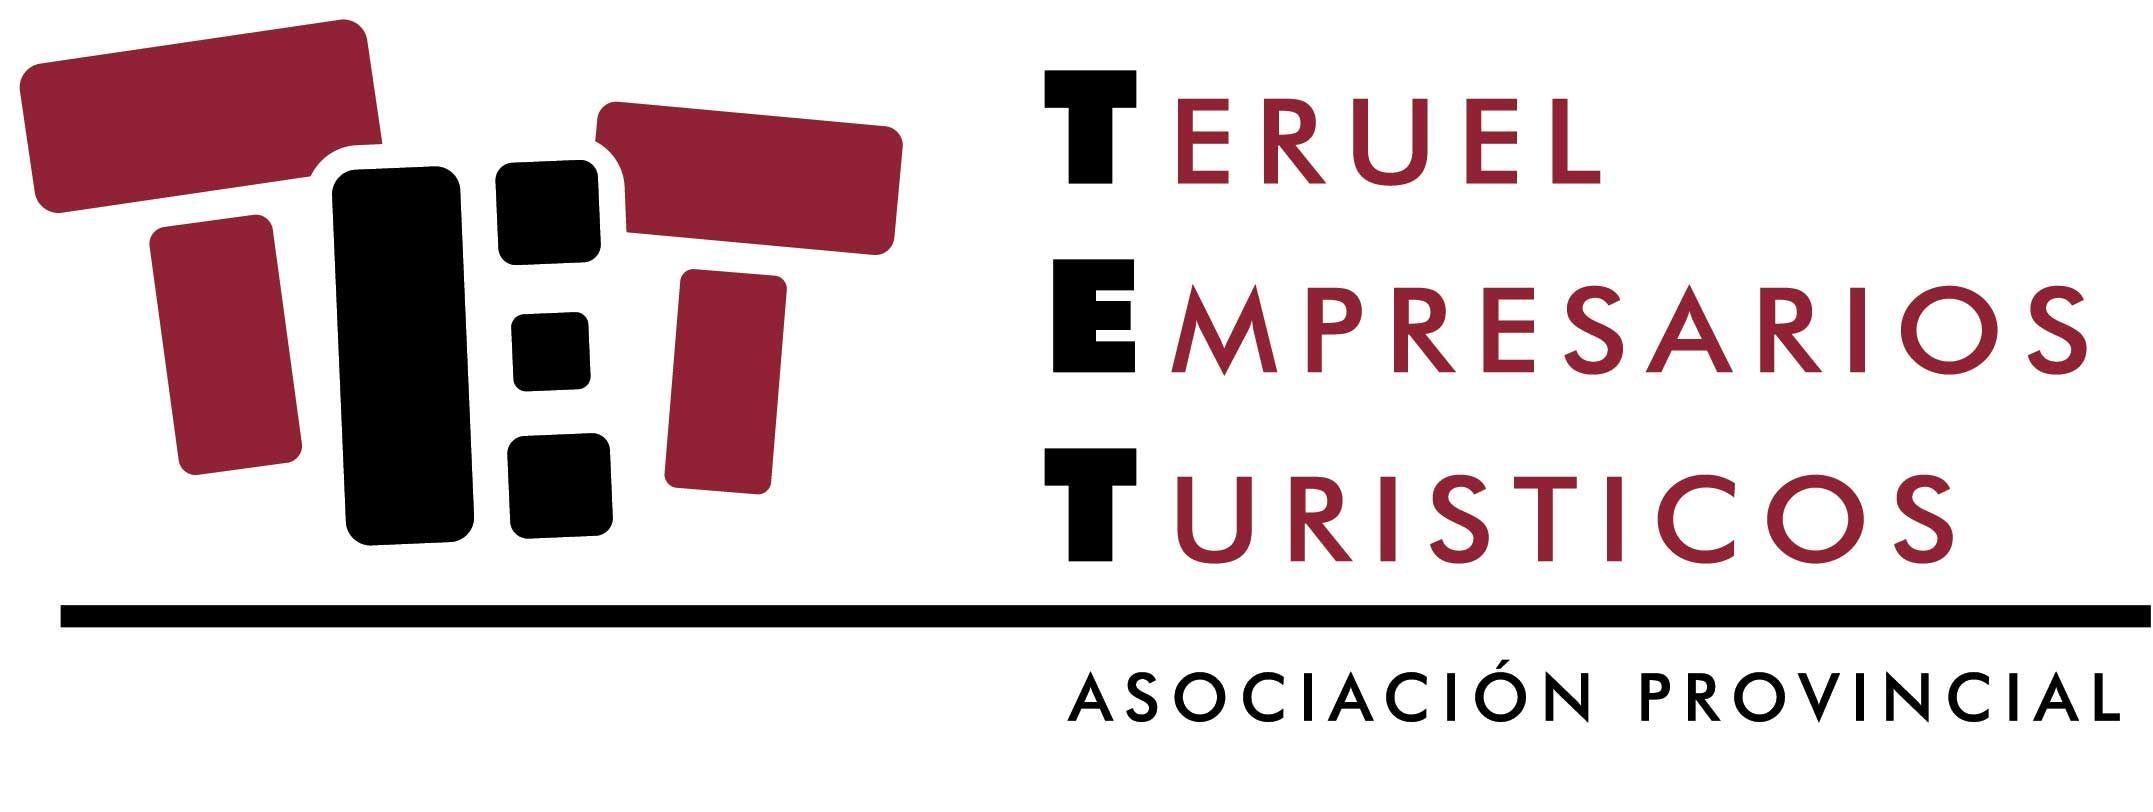 Teruel Empresarios Turisticos